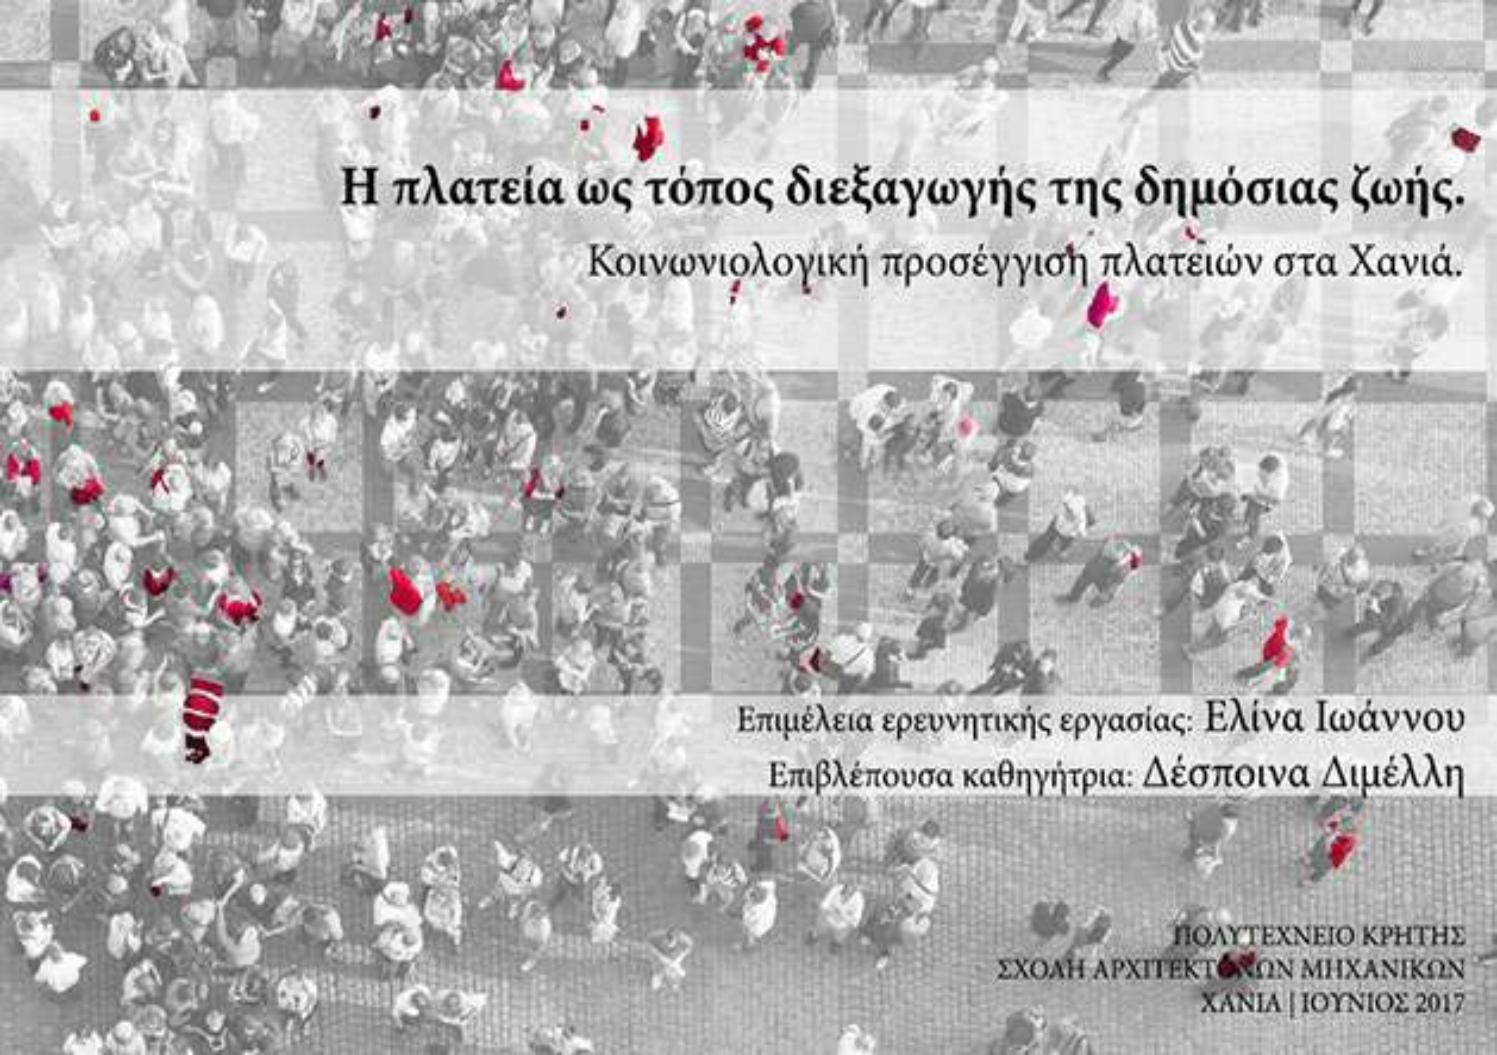 υπηρεσίες γνωριμιών Περθ WA Τσεννάι δωρεάν ιστοσελίδα γνωριμιών